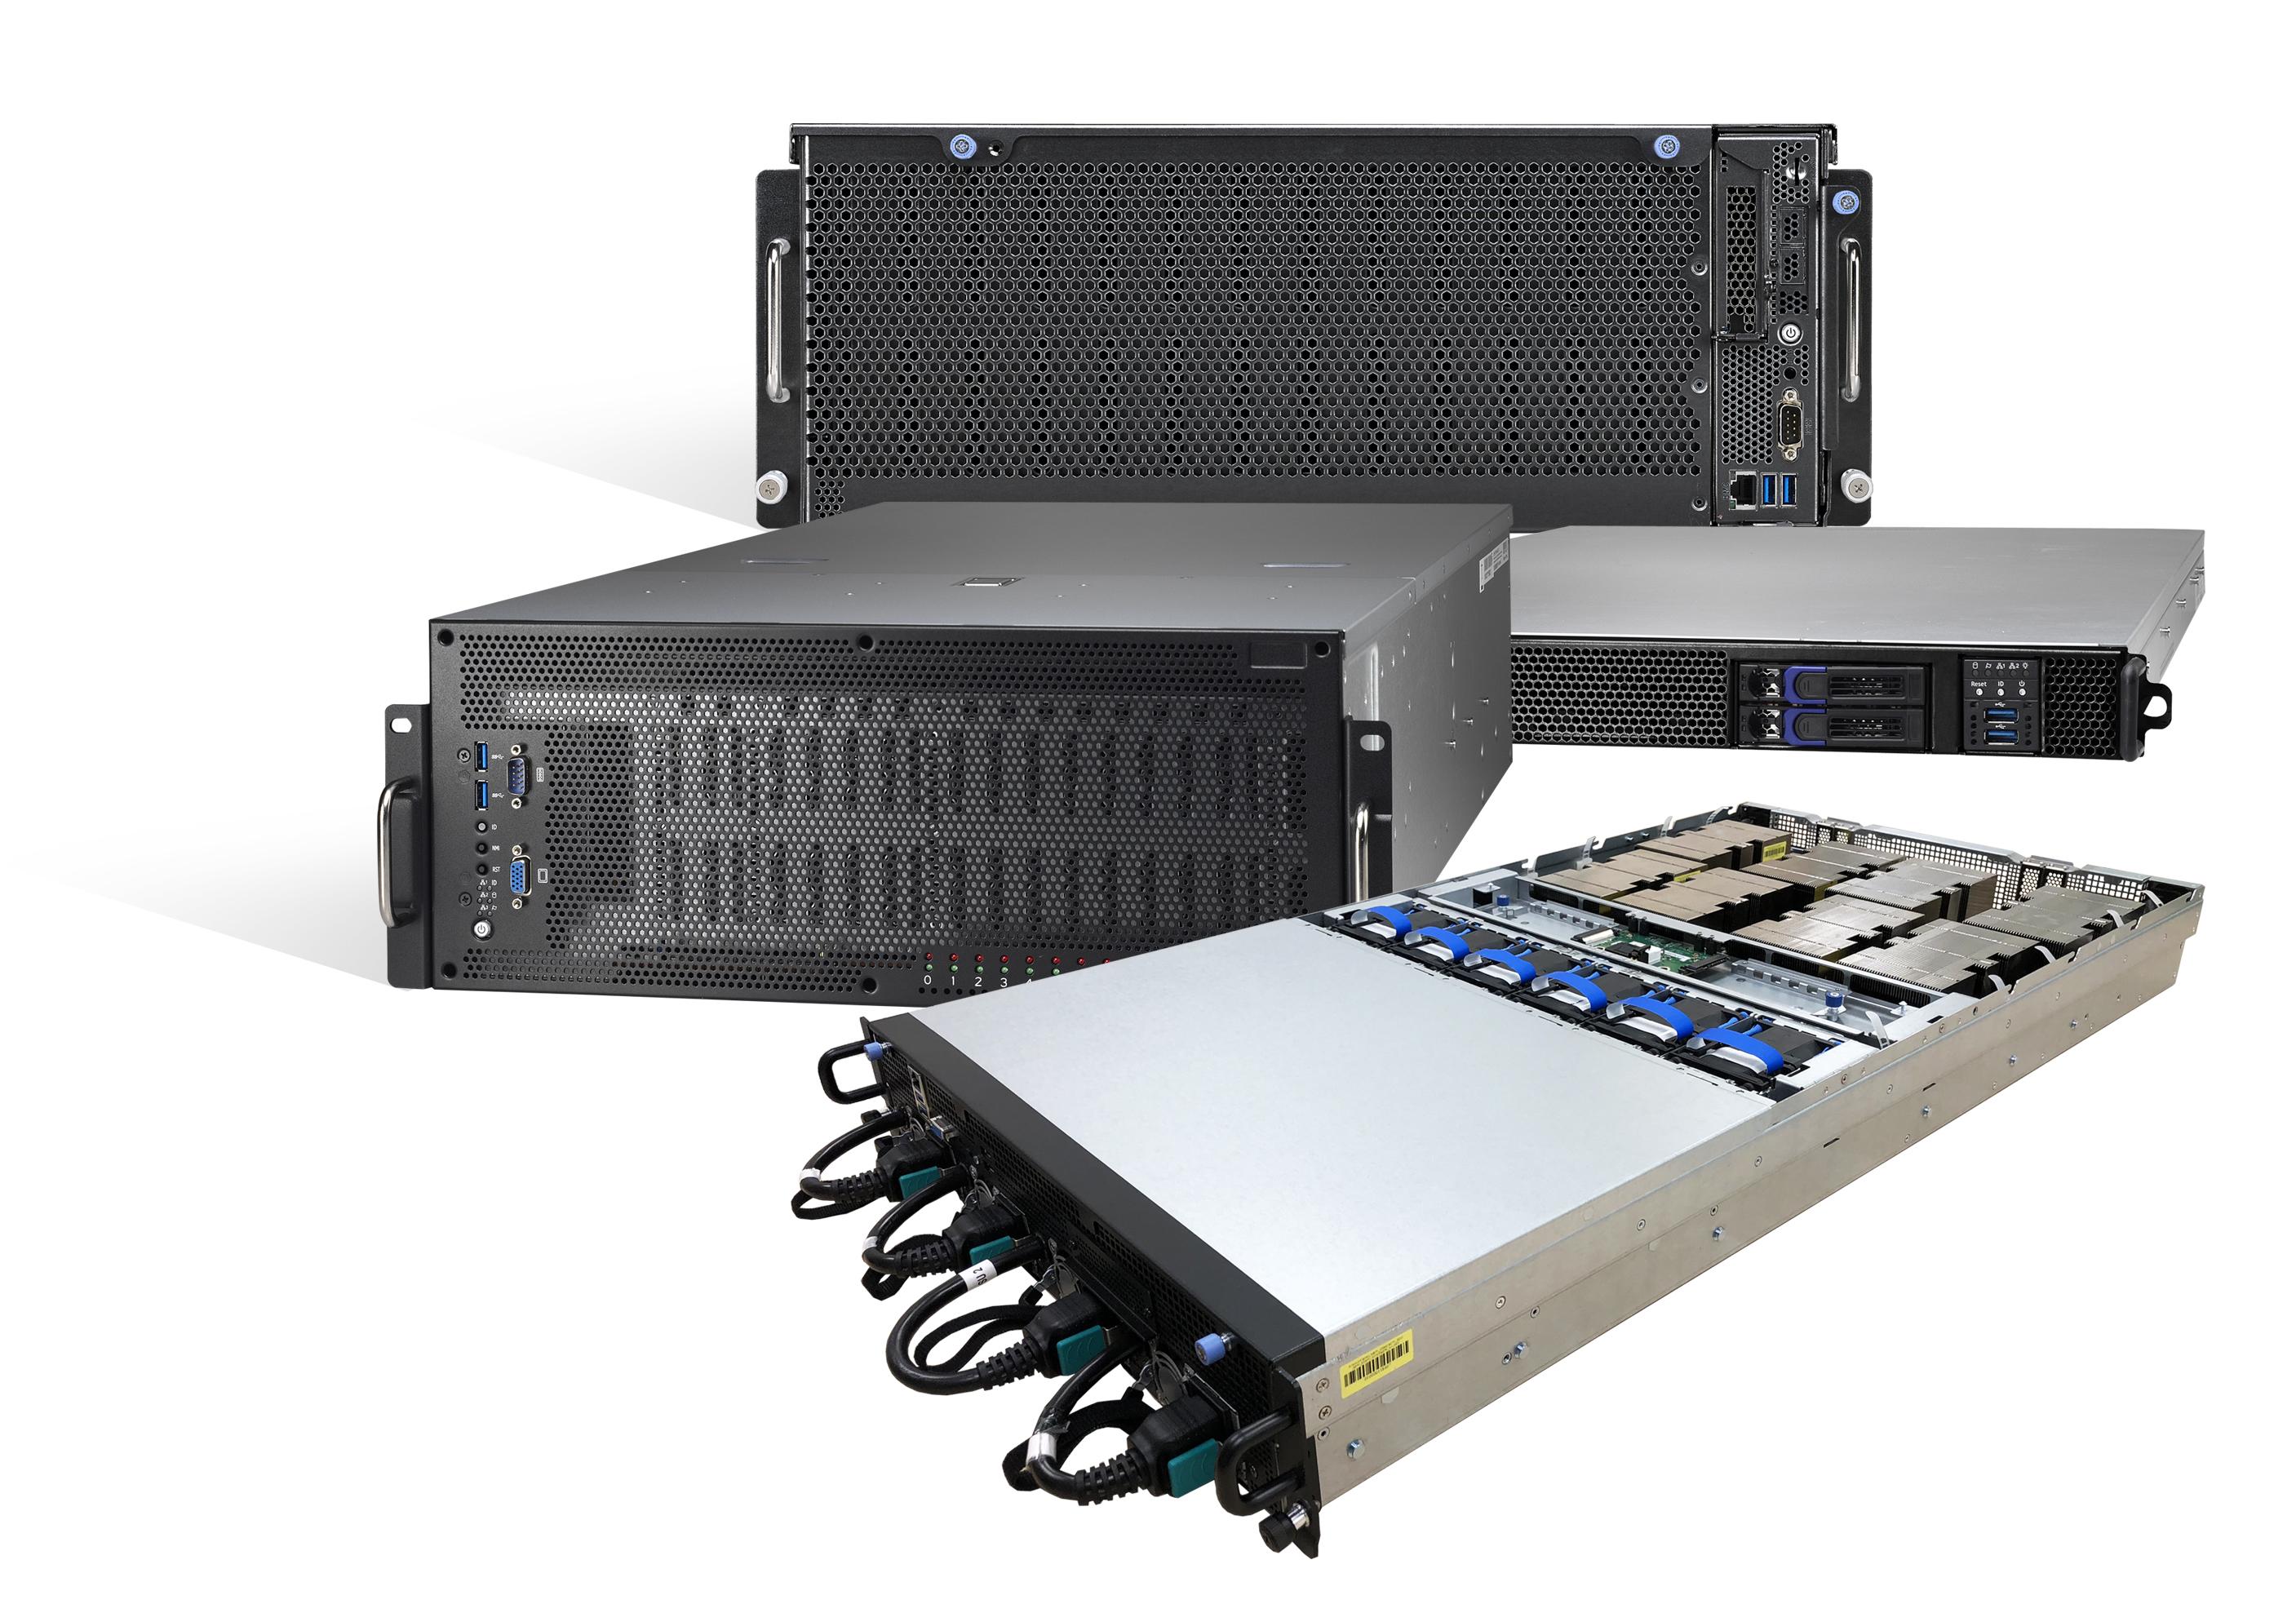 Tyan 於isc 2018 展示全新hpc 及雲端伺服器平台 網管人